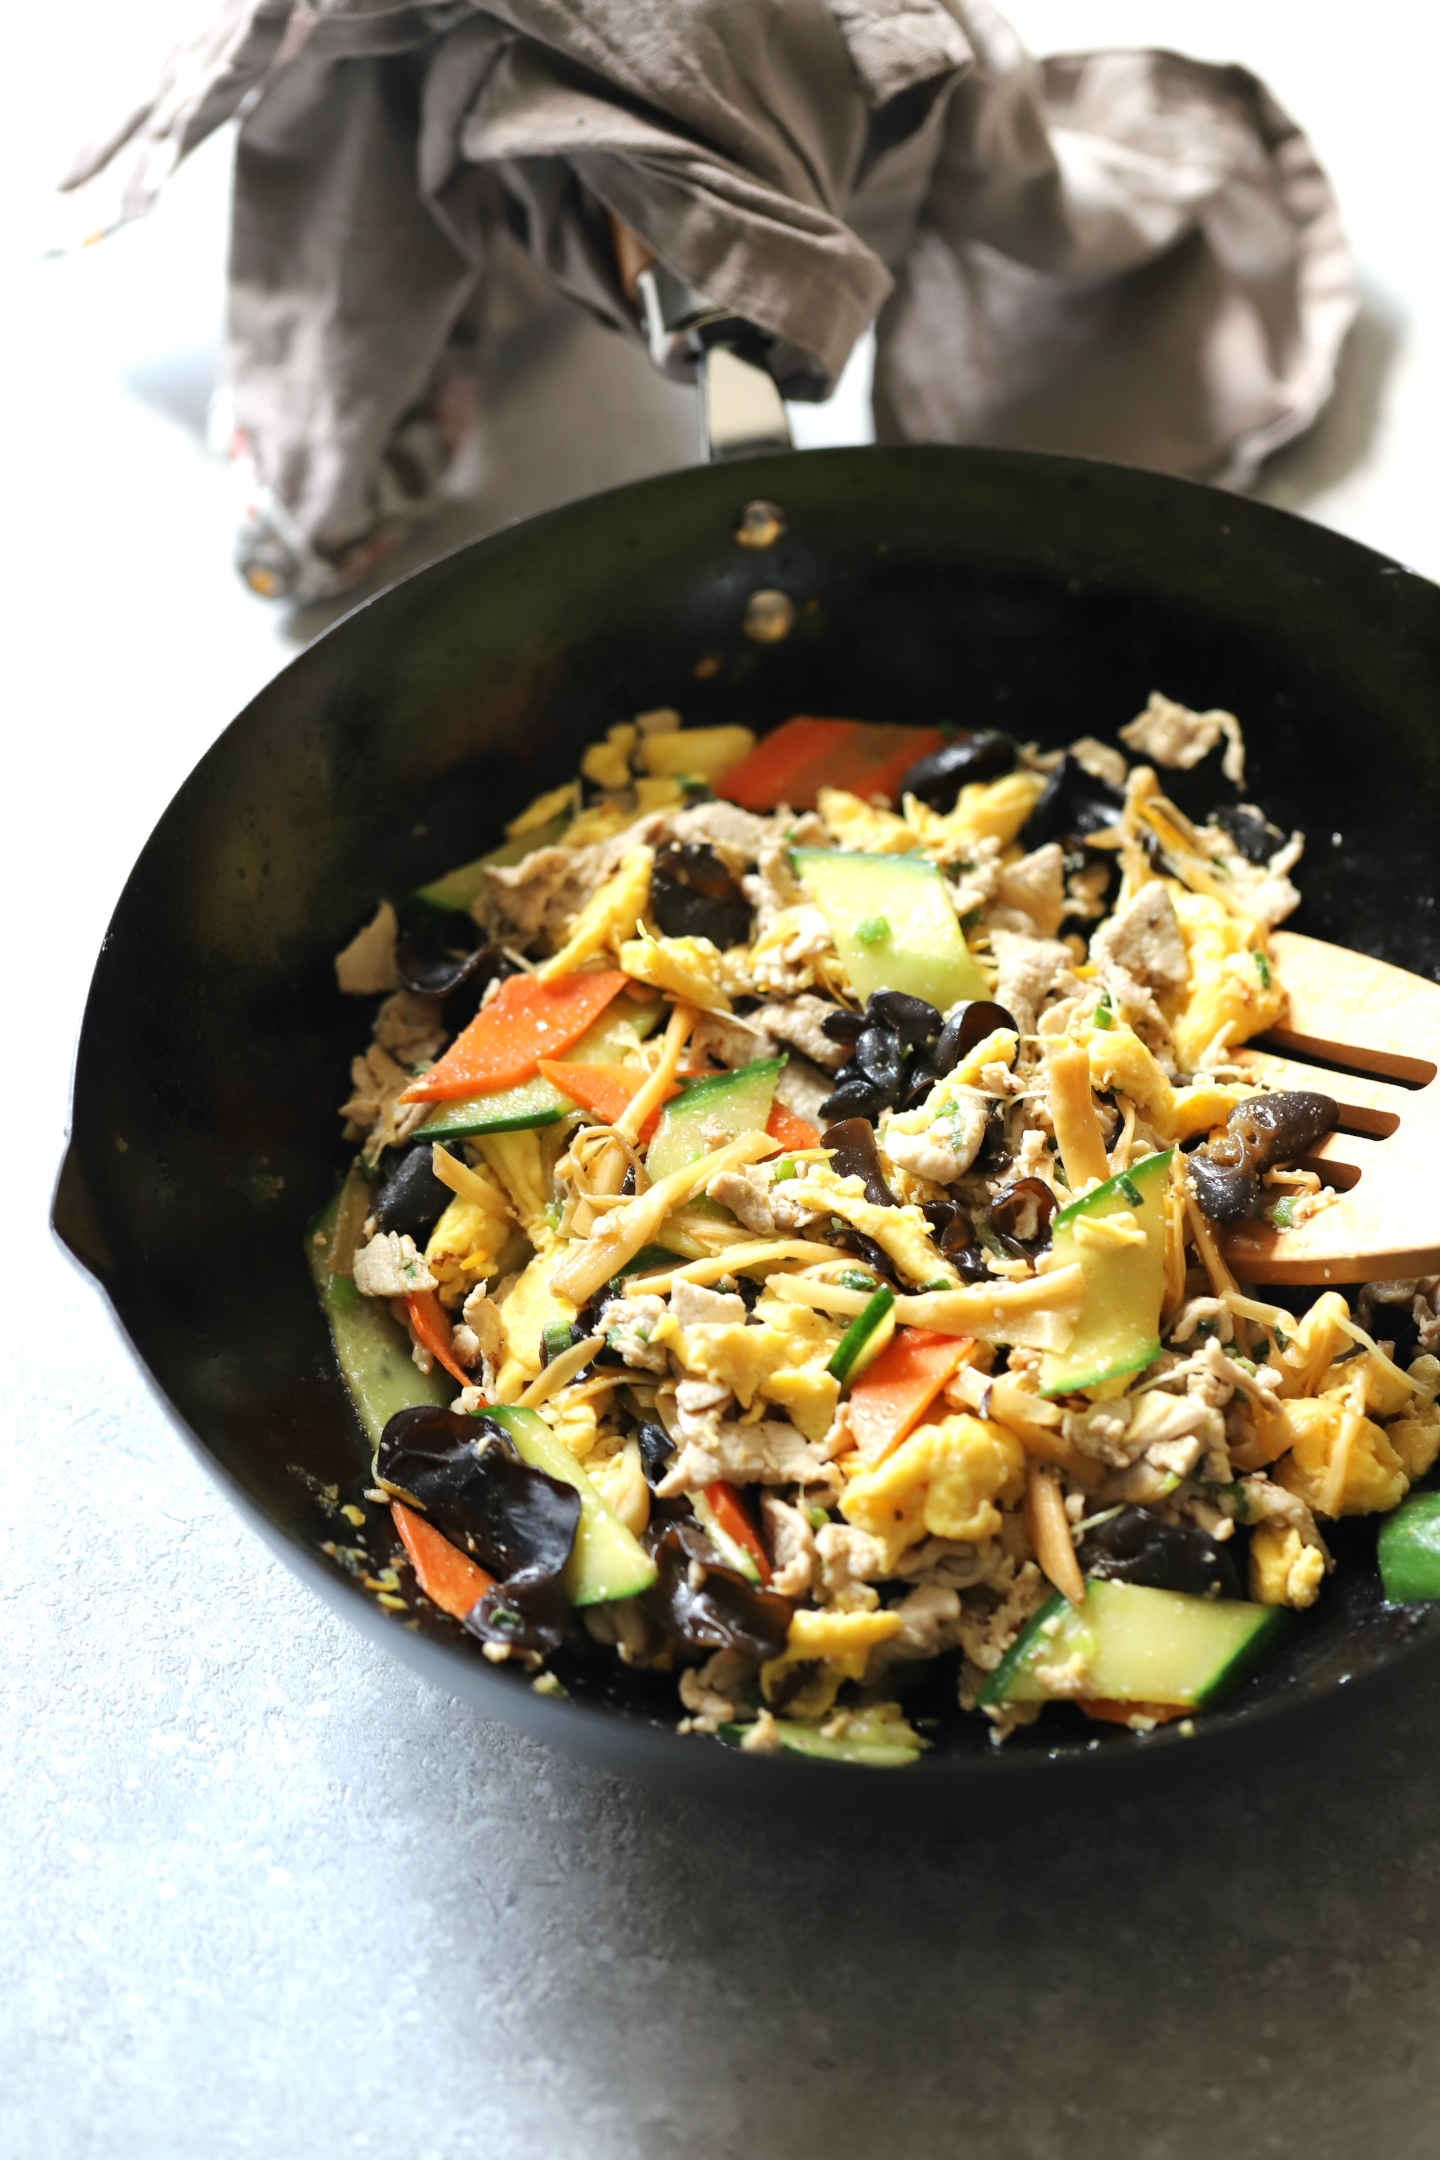 Moo Shu pork stir fry in a wok